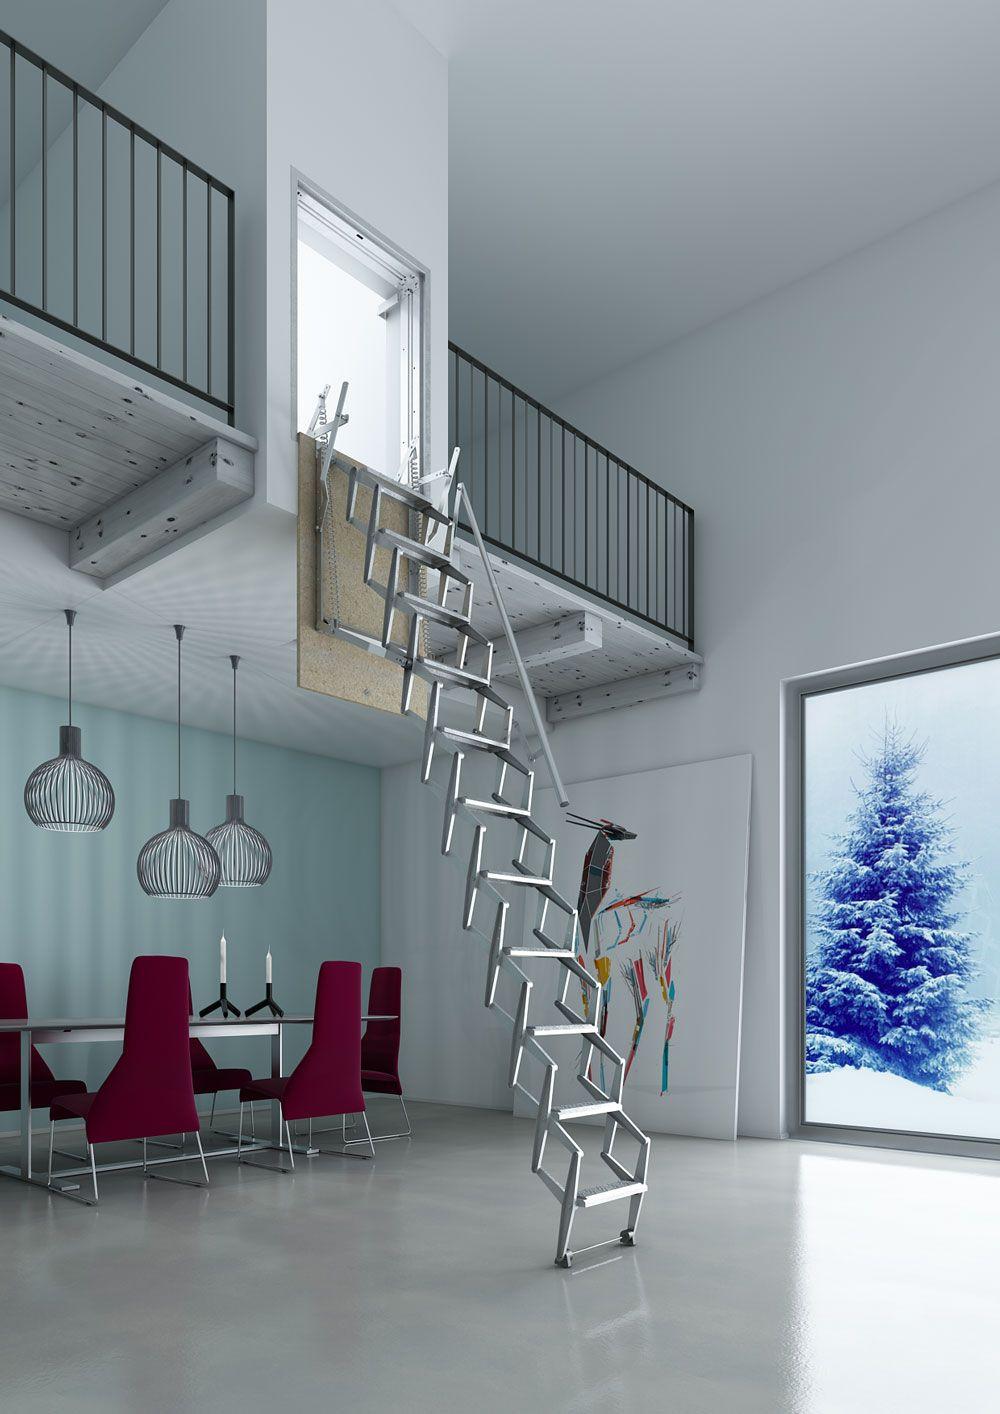 Escalera plegable para techo flexa altillo autom tica en 2019 recetas para cocinar - Escalera plegable para altillo ...